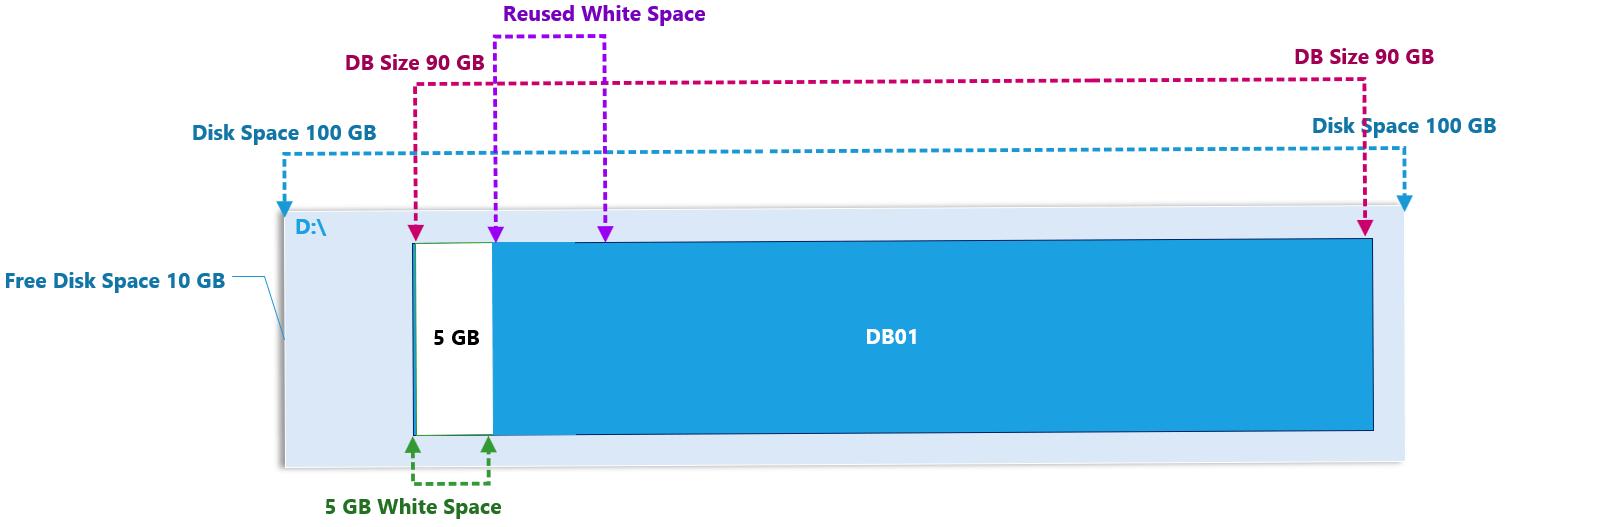 DB size 3